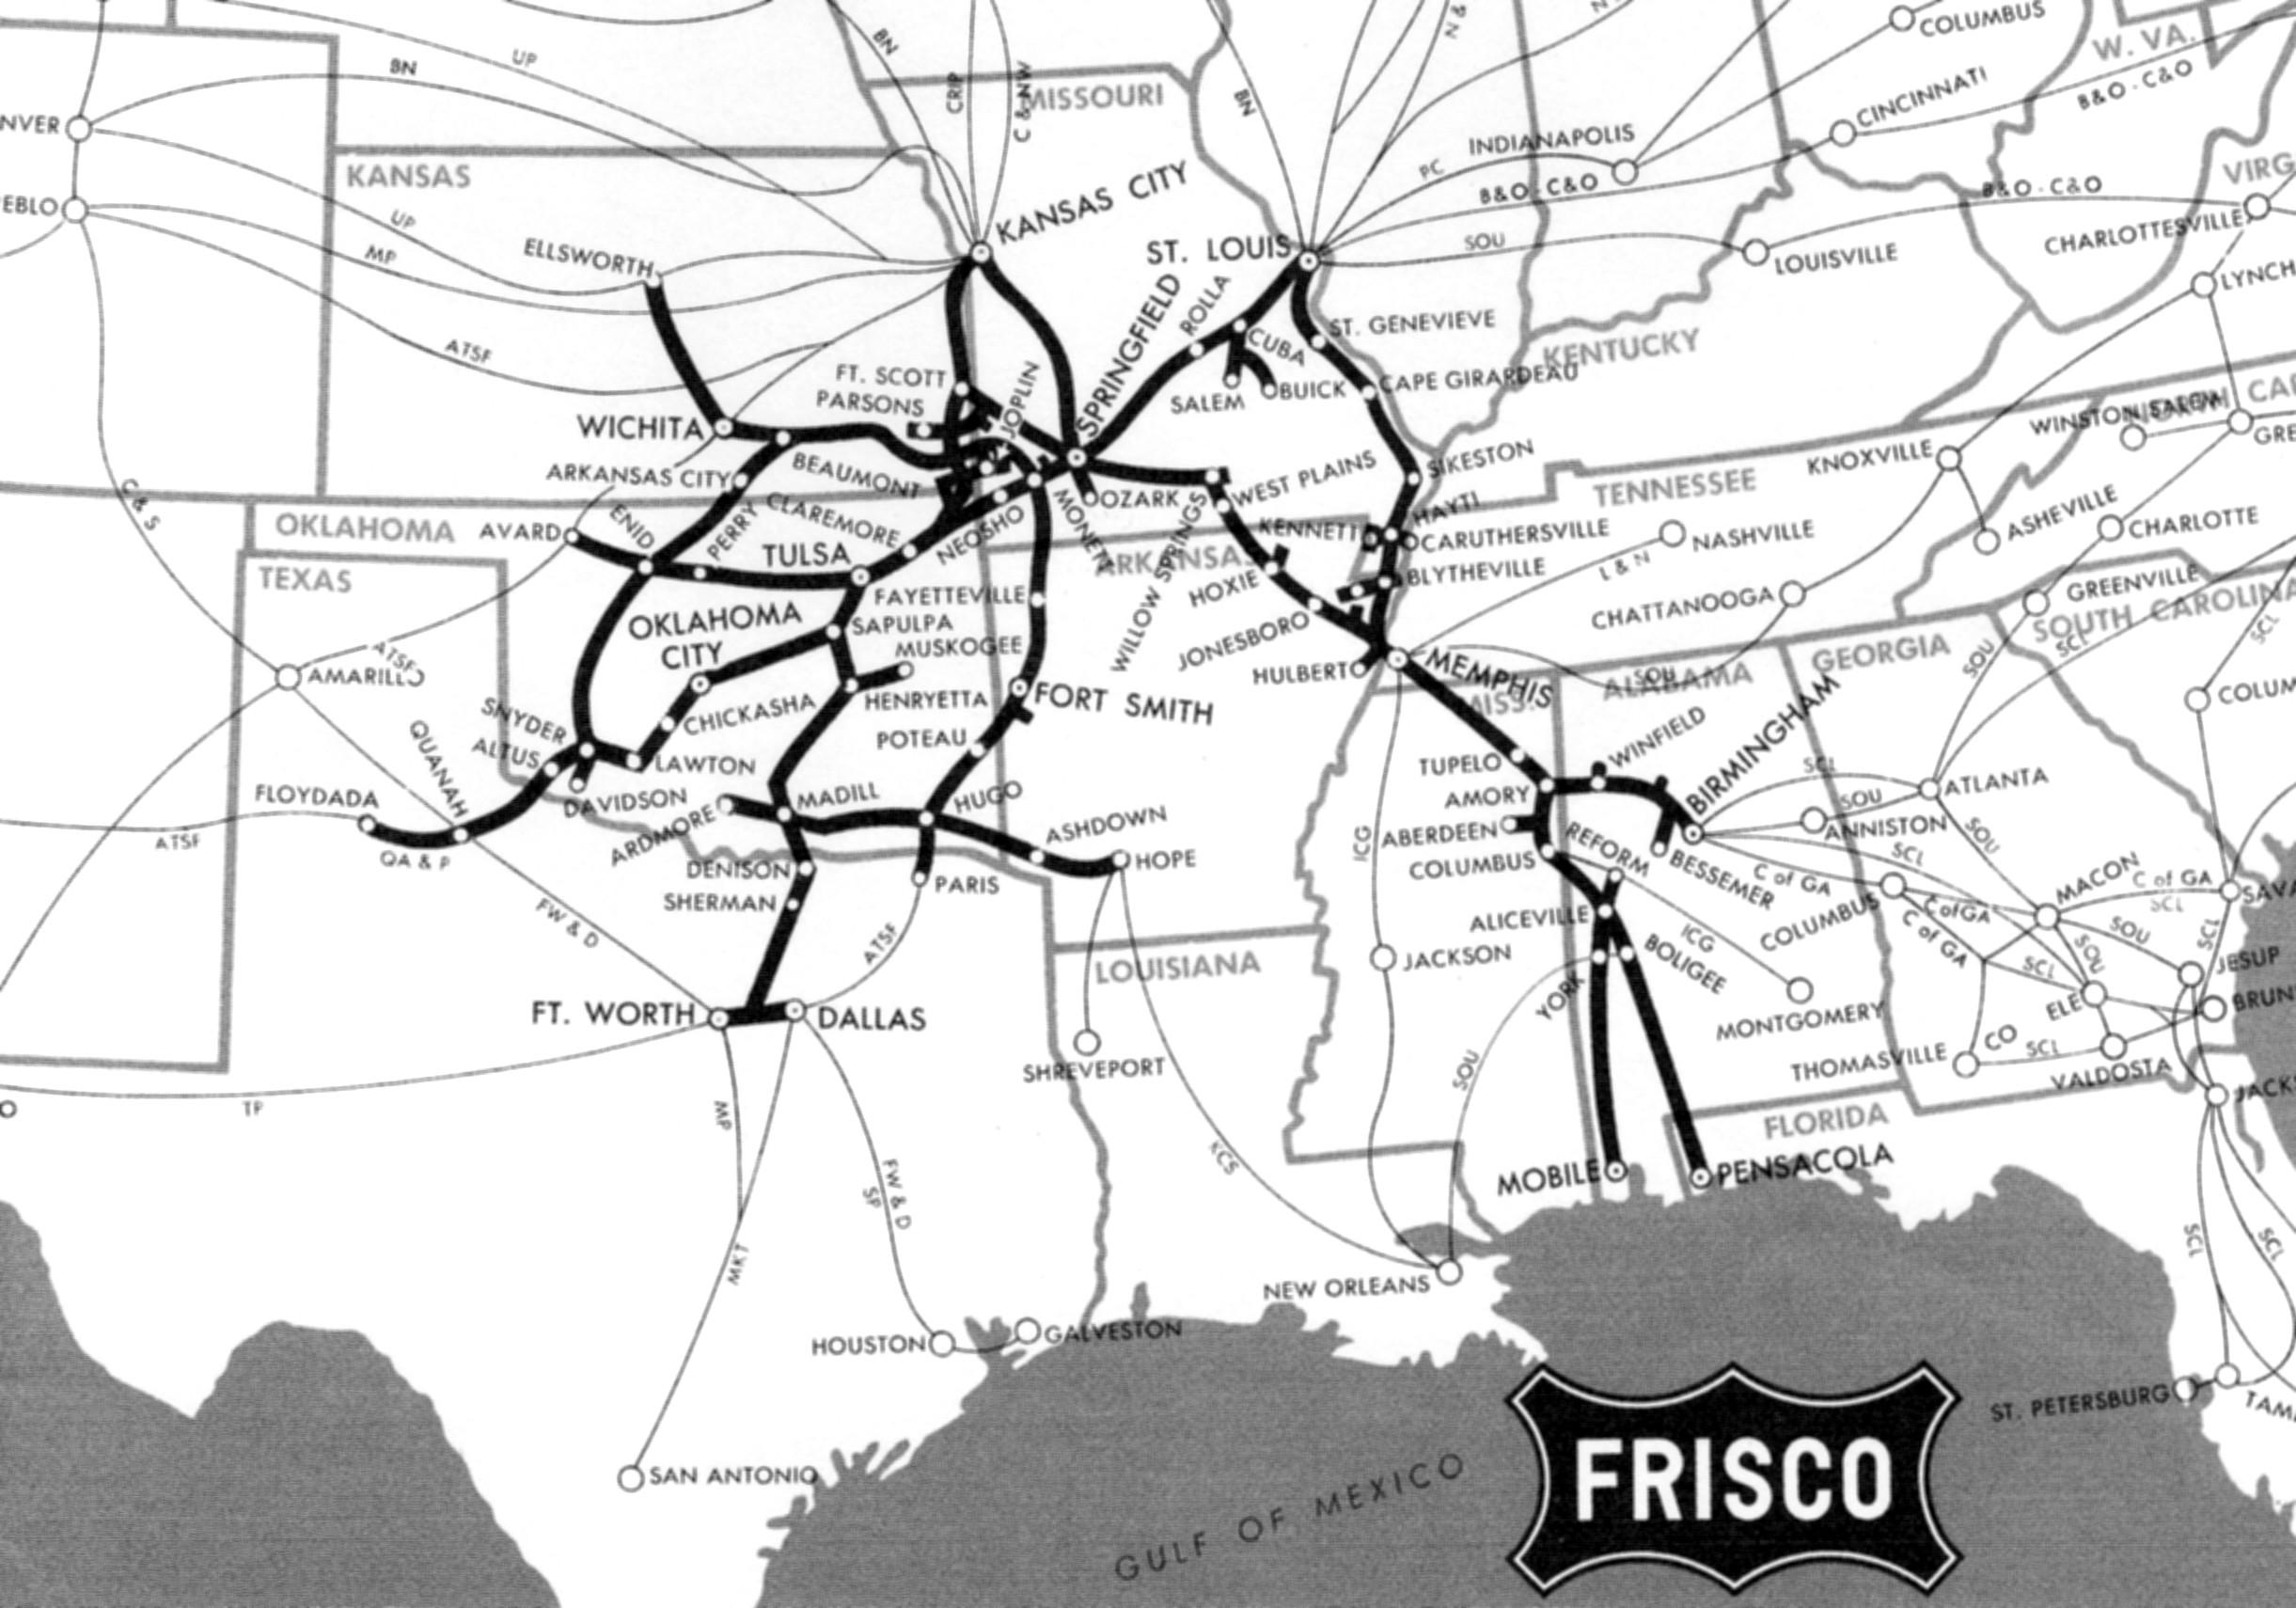 Frisco - Railroad